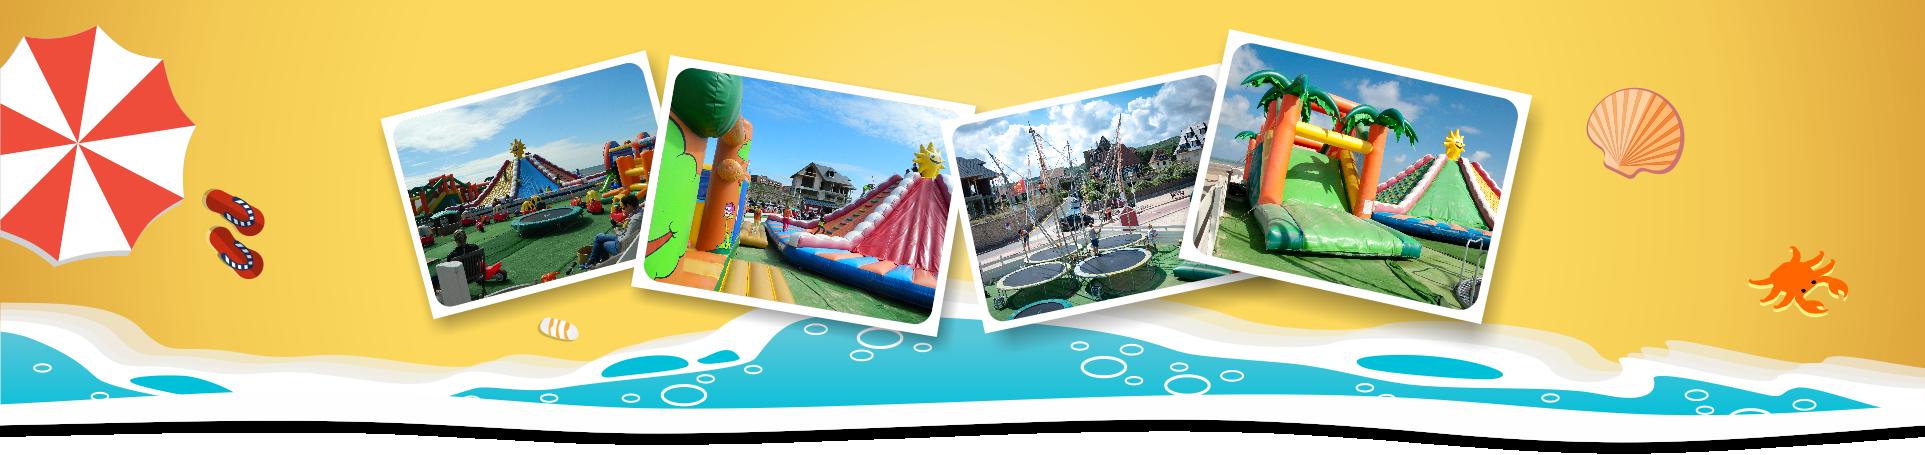 parc attractions loisirs enfants jeux plage mer location gonflables géants famille salto trampolines toboggans benerville deauville trouville calvados normandie